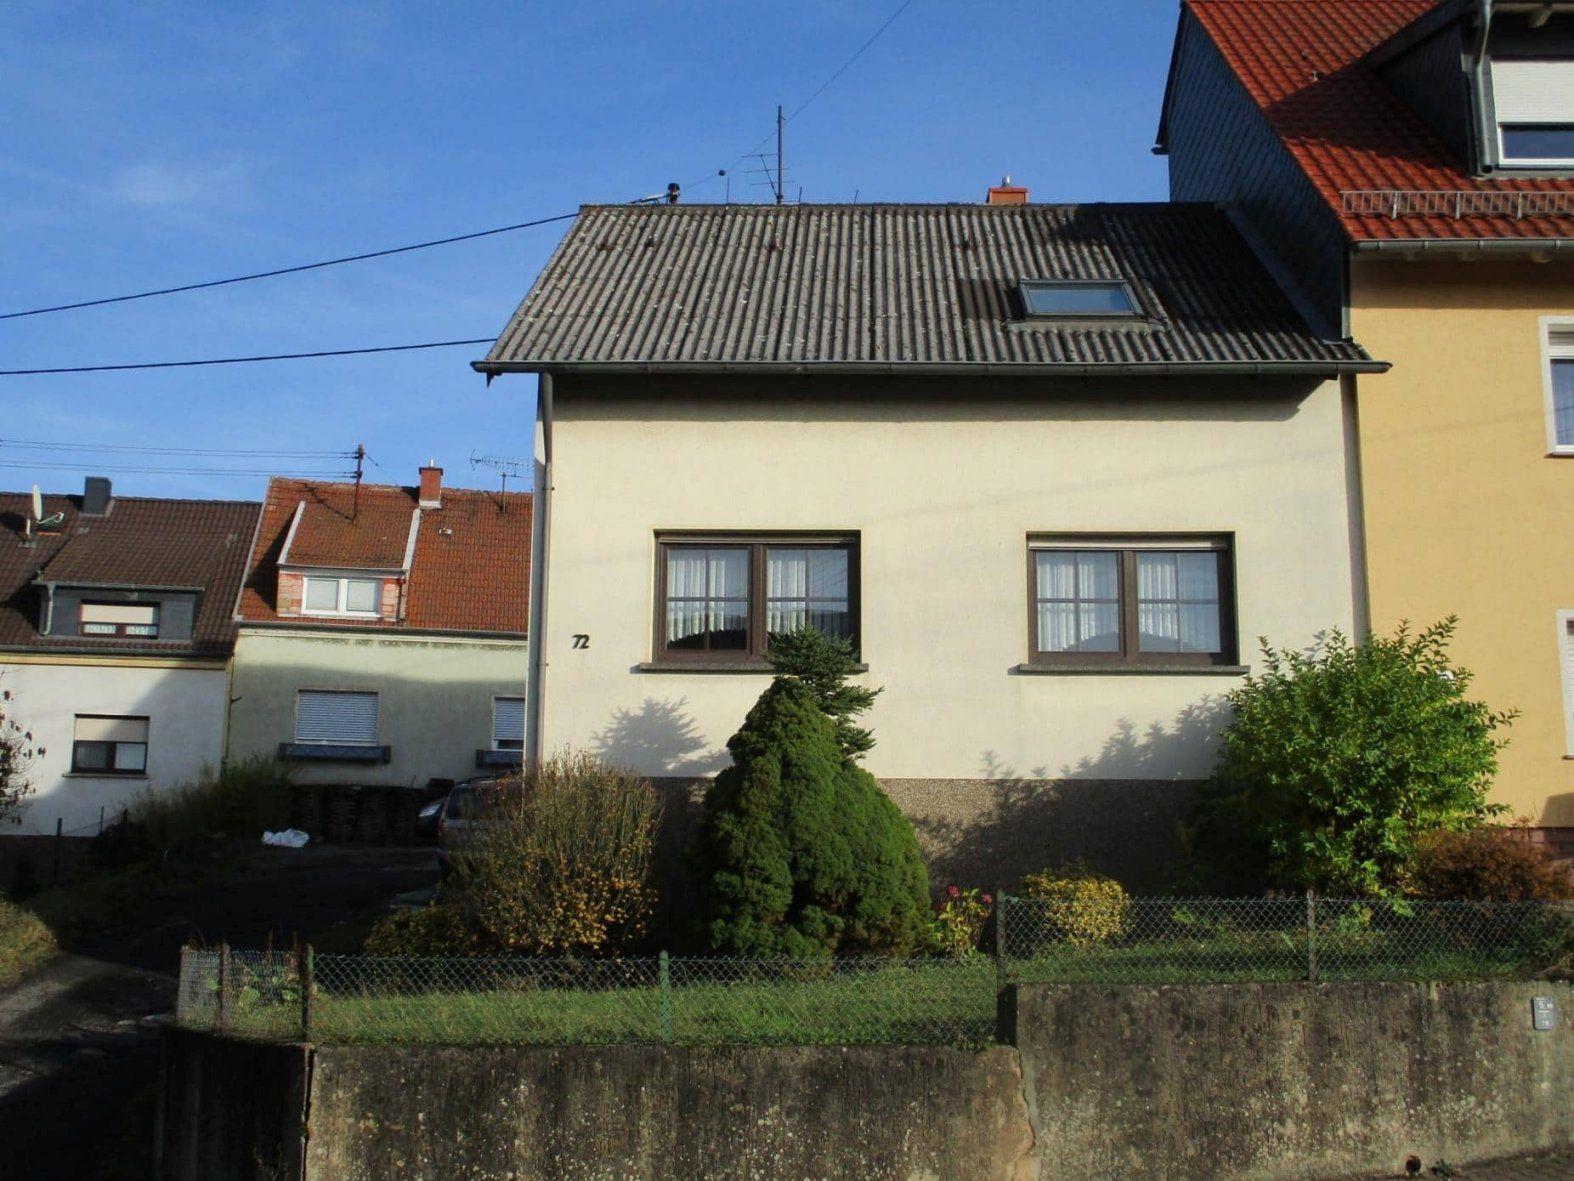 Haus Kaufen Potsdam Top Ihr Traum Vom Eigenheim Ihr Traum Vom von Haus Kaufen In Potsdam Photo